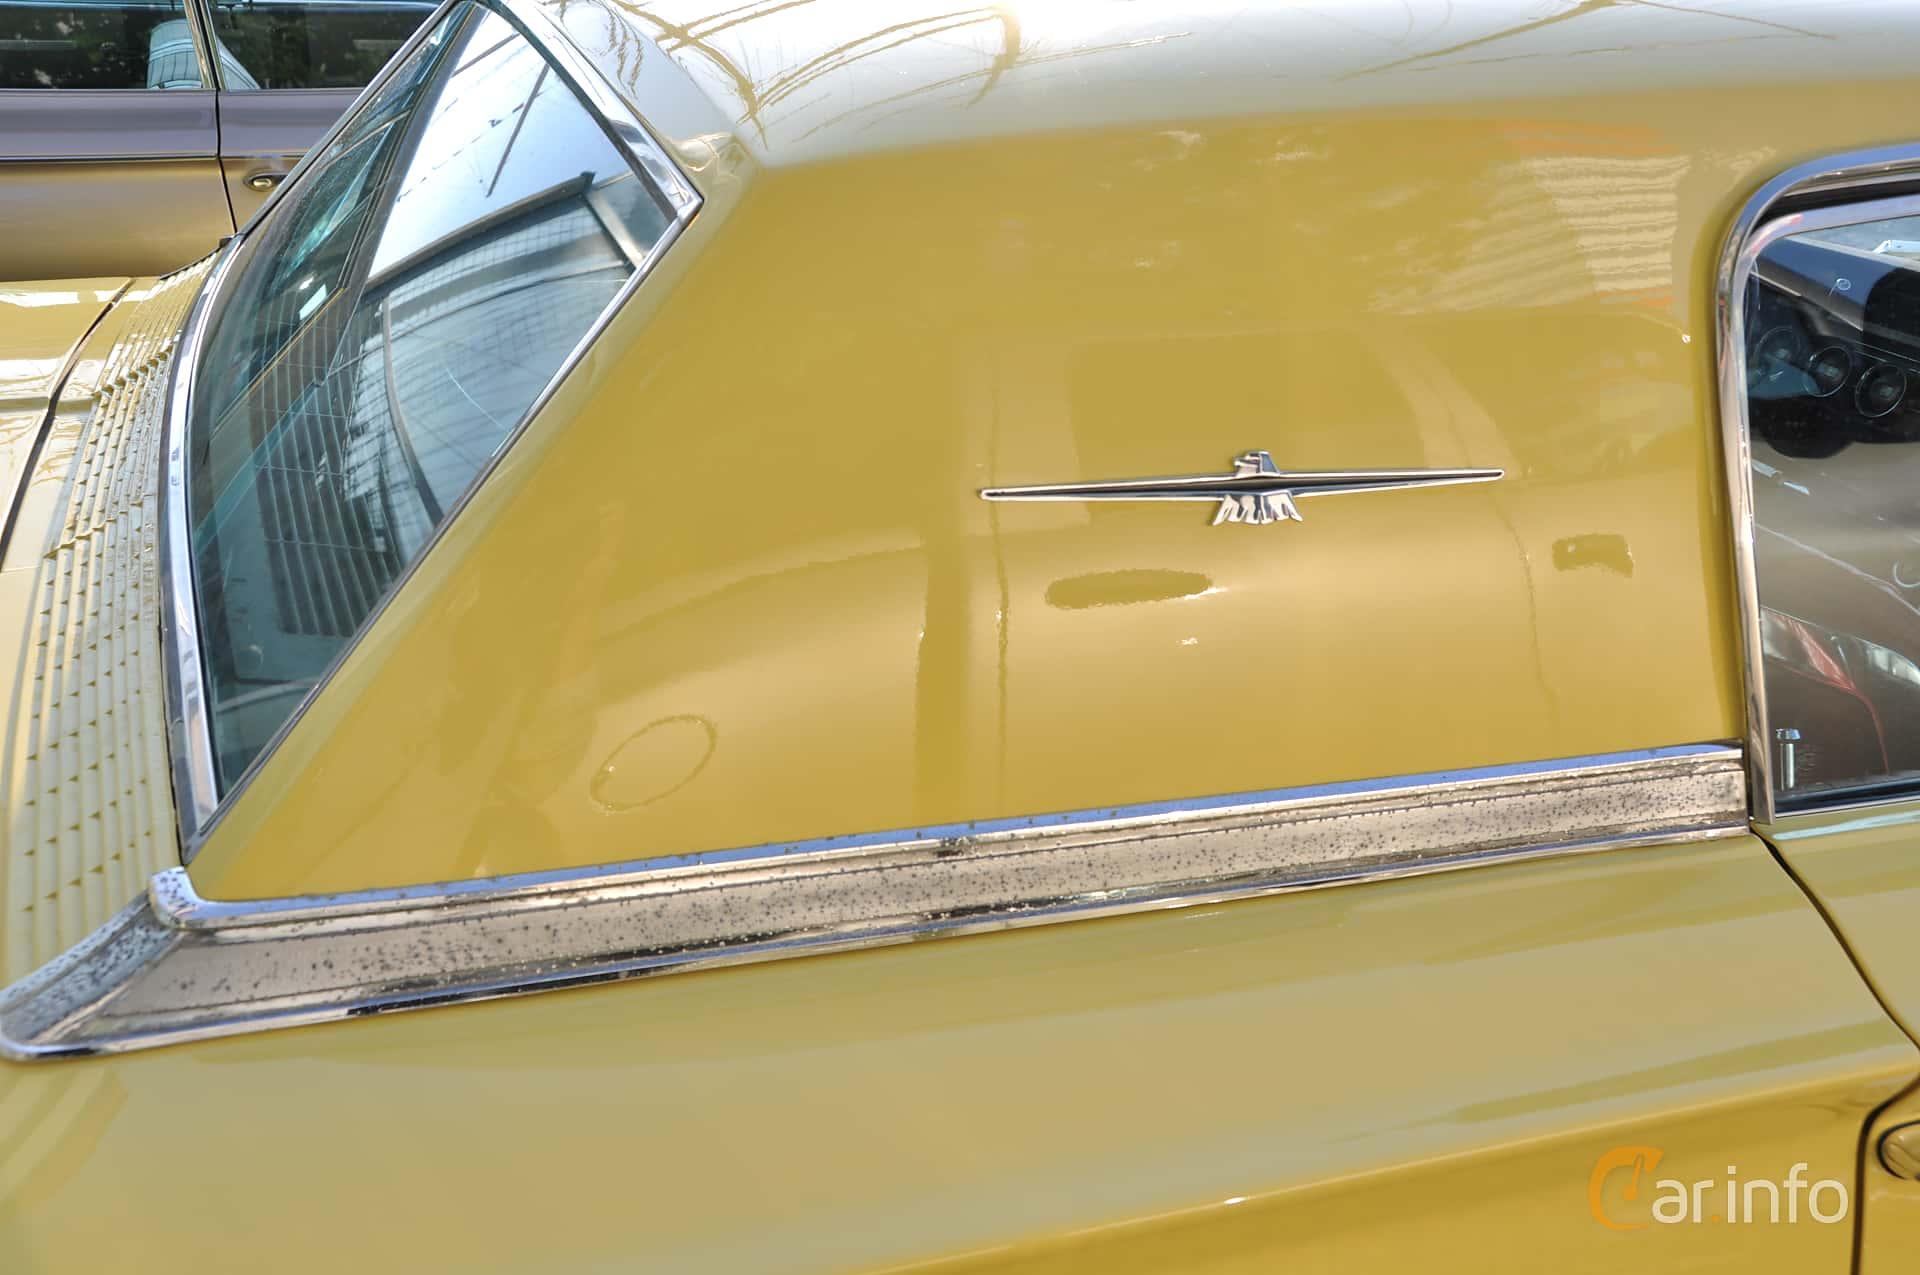 Ford Thunderbird Hardtop 6.4 V8 Automatic, 305hp, 1966